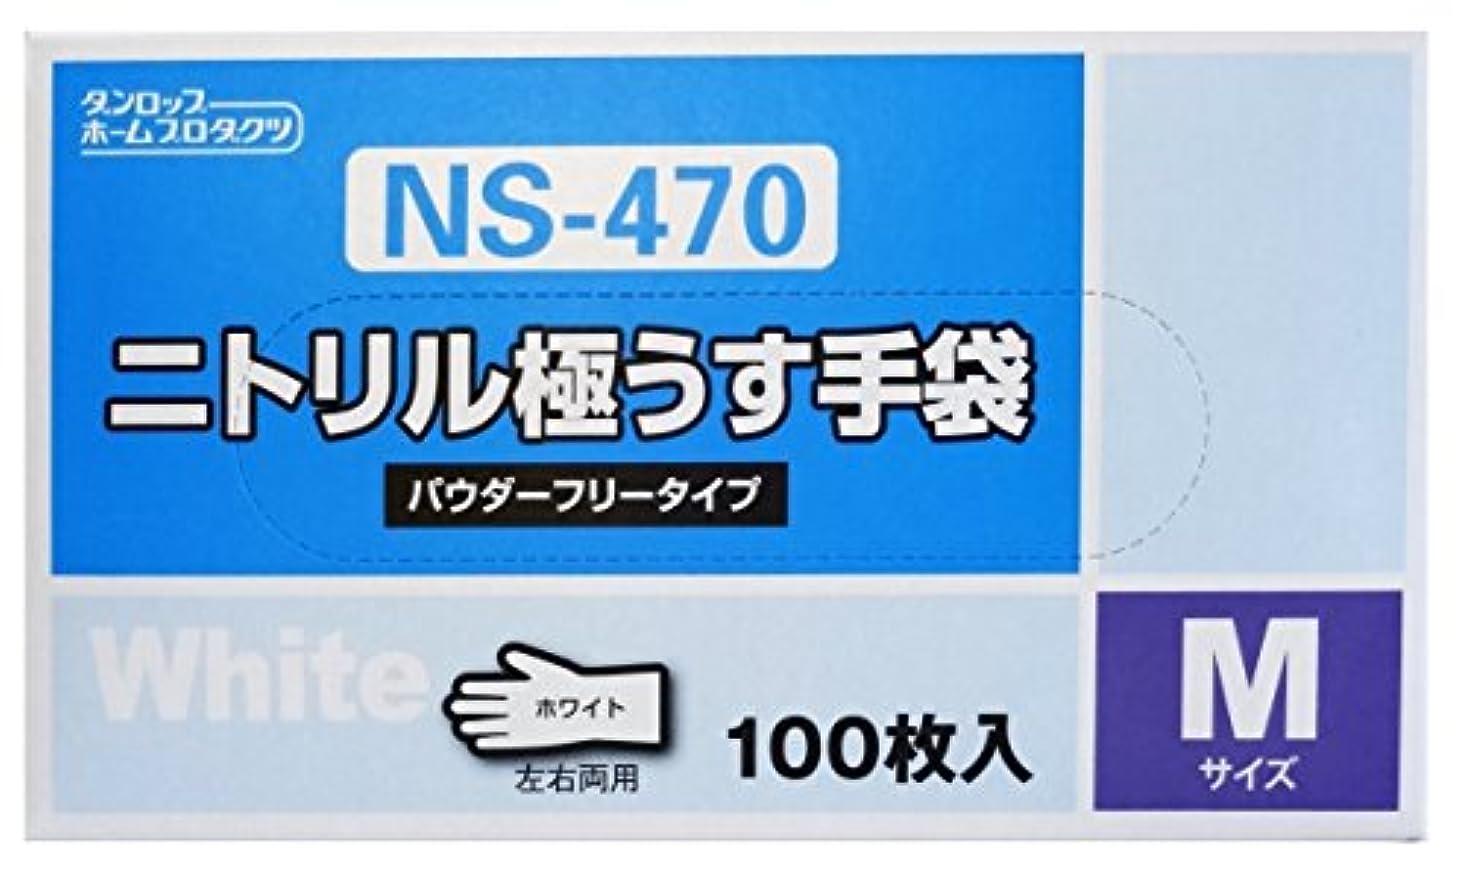 フライカイトカラス範囲ダンロップホームプロダクツ 粉なしニトリル極うす手袋 Mサイズ ホワイト 100枚入 NS-470